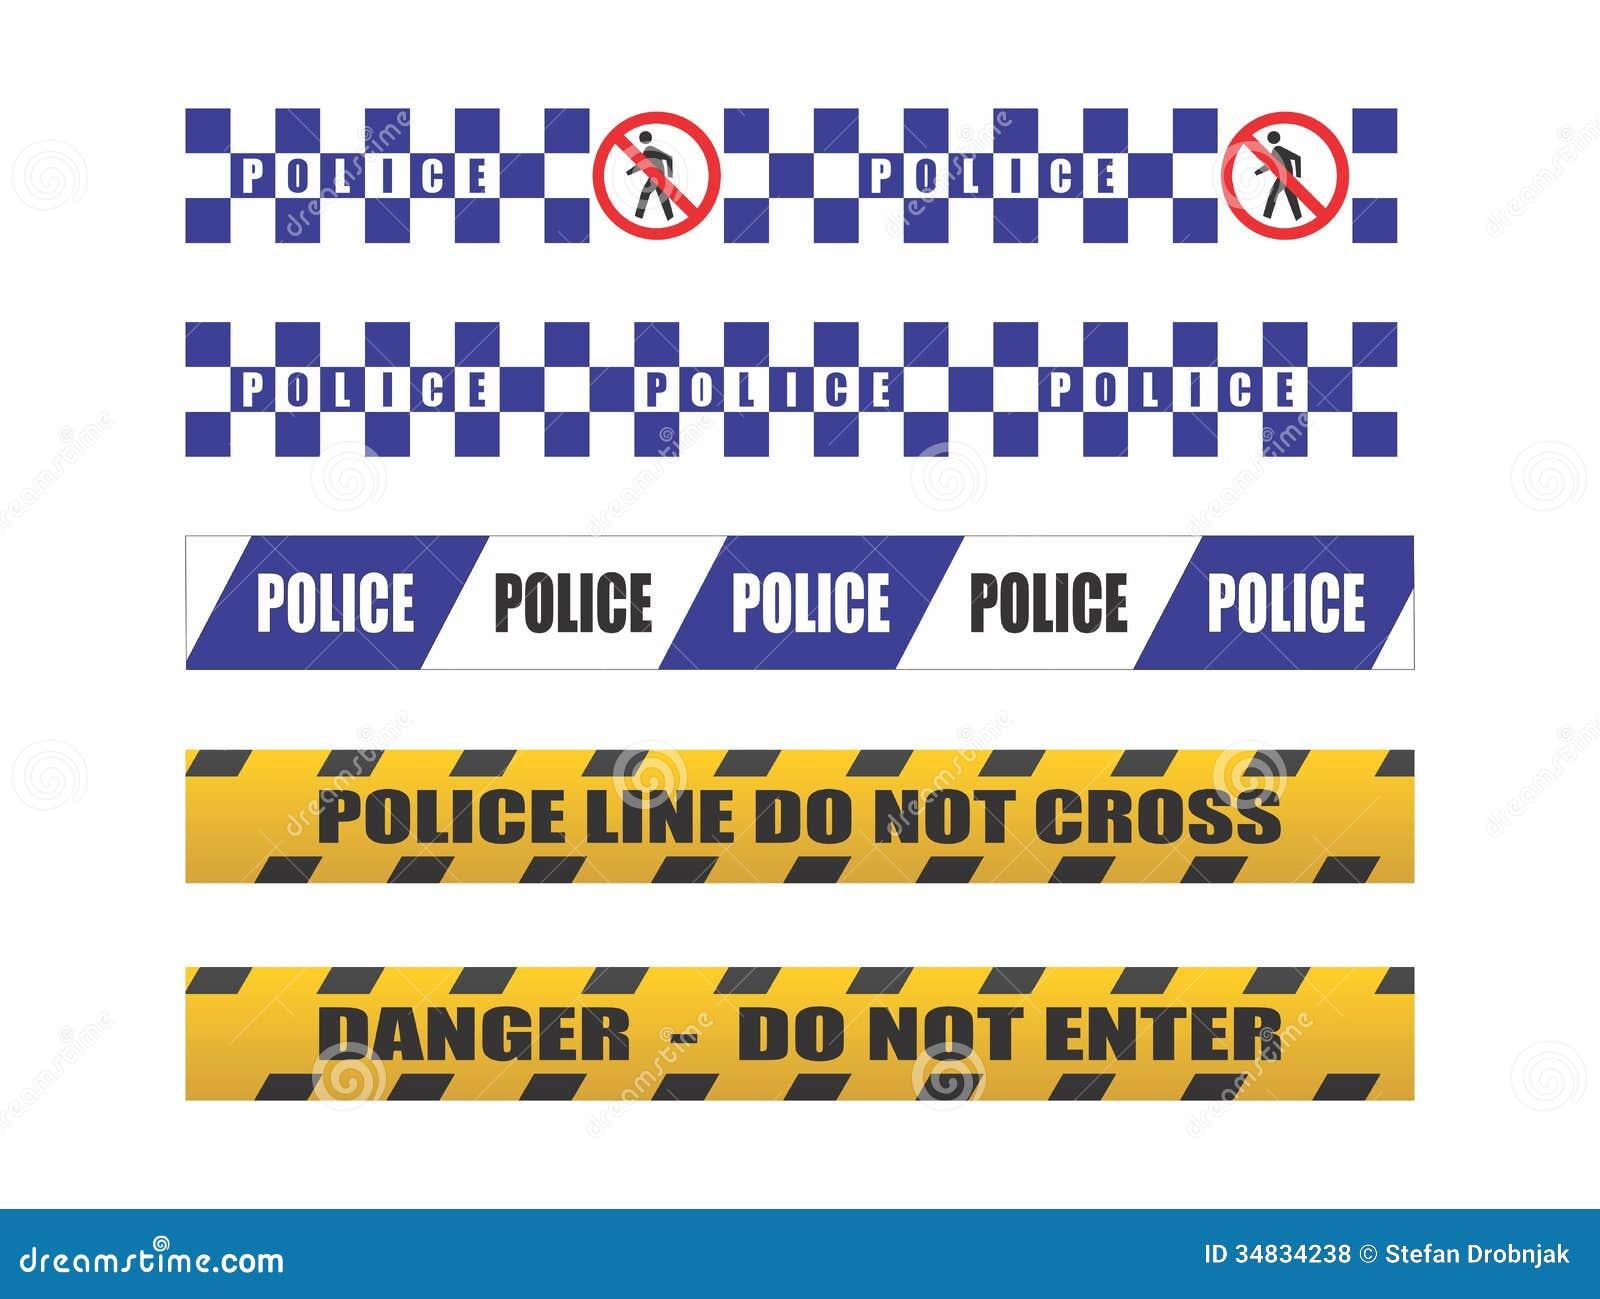 Crime Scene Tape Border Clip Art Police tape royalty free stock